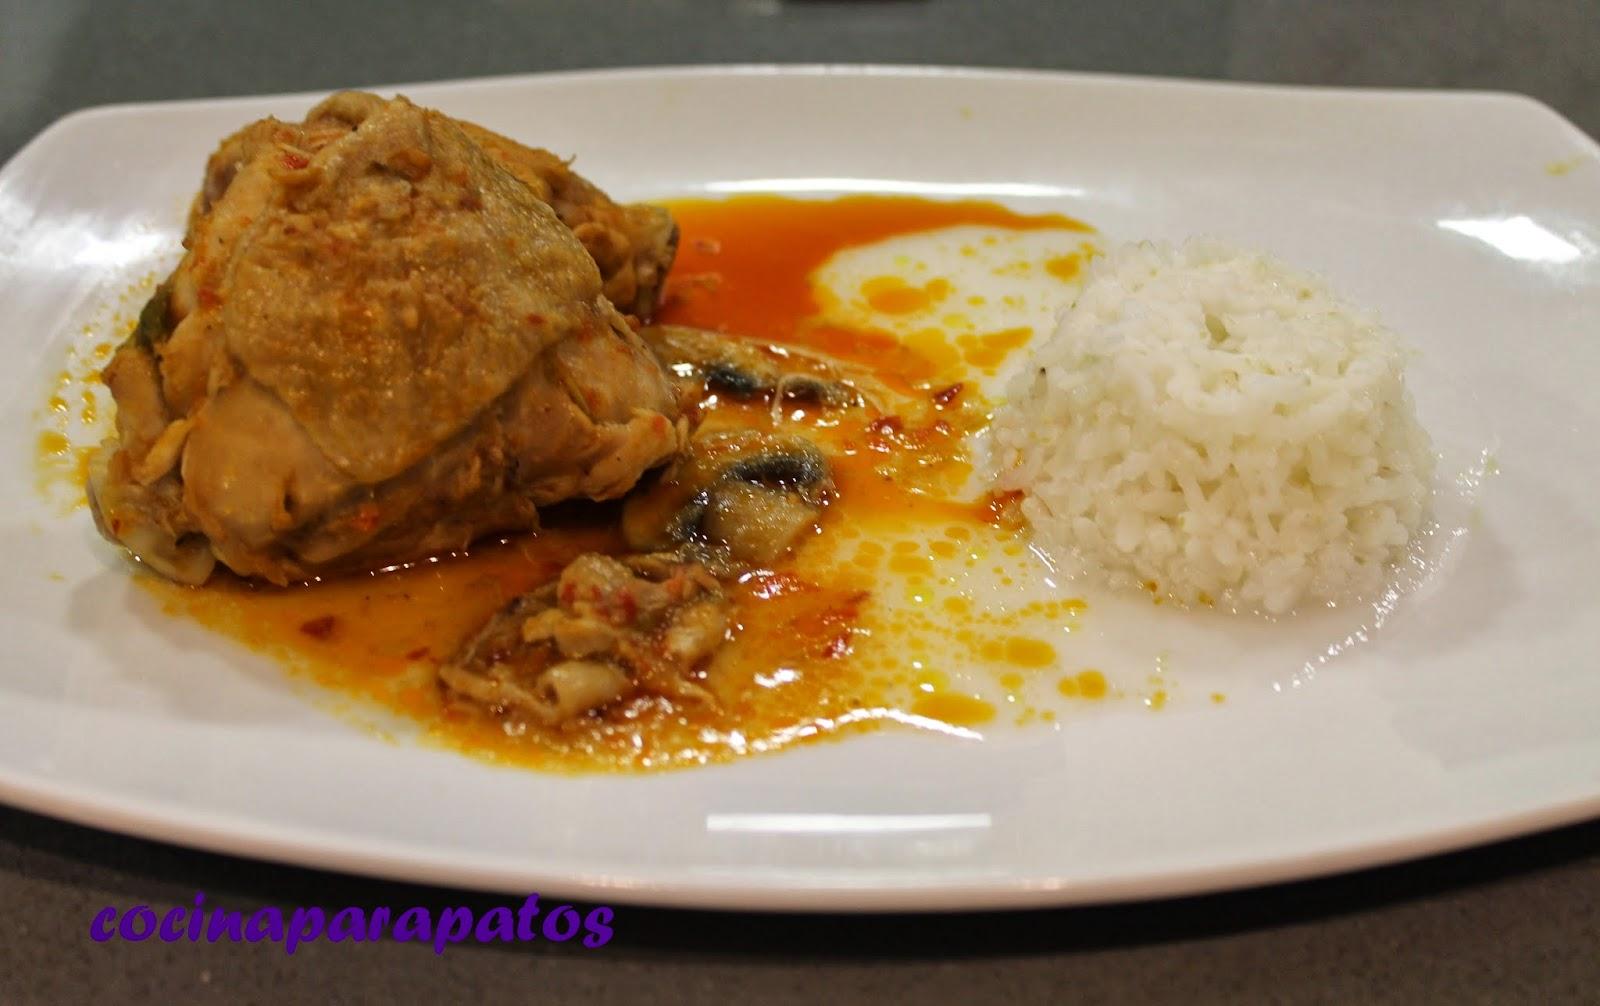 Cocina para patos pollo al chilindr n con arroz blanco al - Comidas con arroz blanco ...